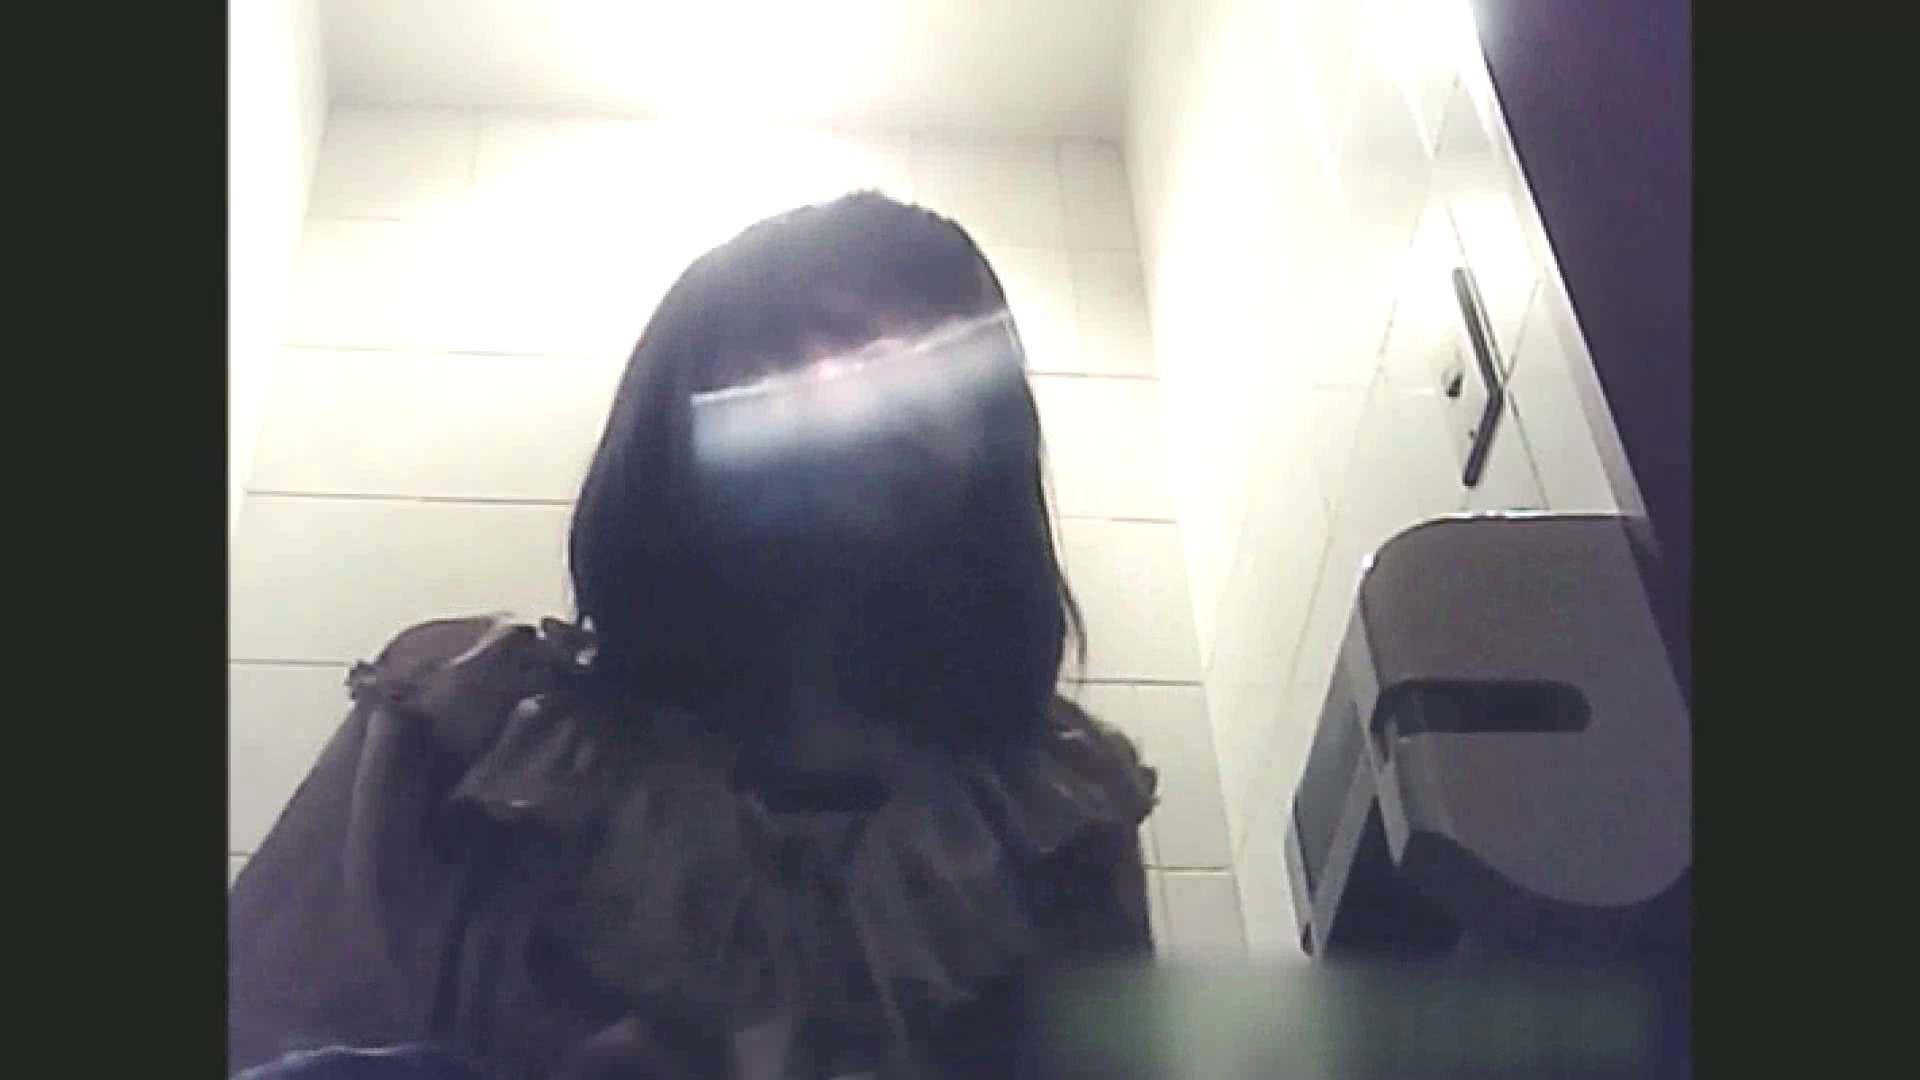 実録!!綺麗なお姉さんのトイレ事情・・・。vol.4 トイレ 盗撮AV動画キャプチャ 67画像 39